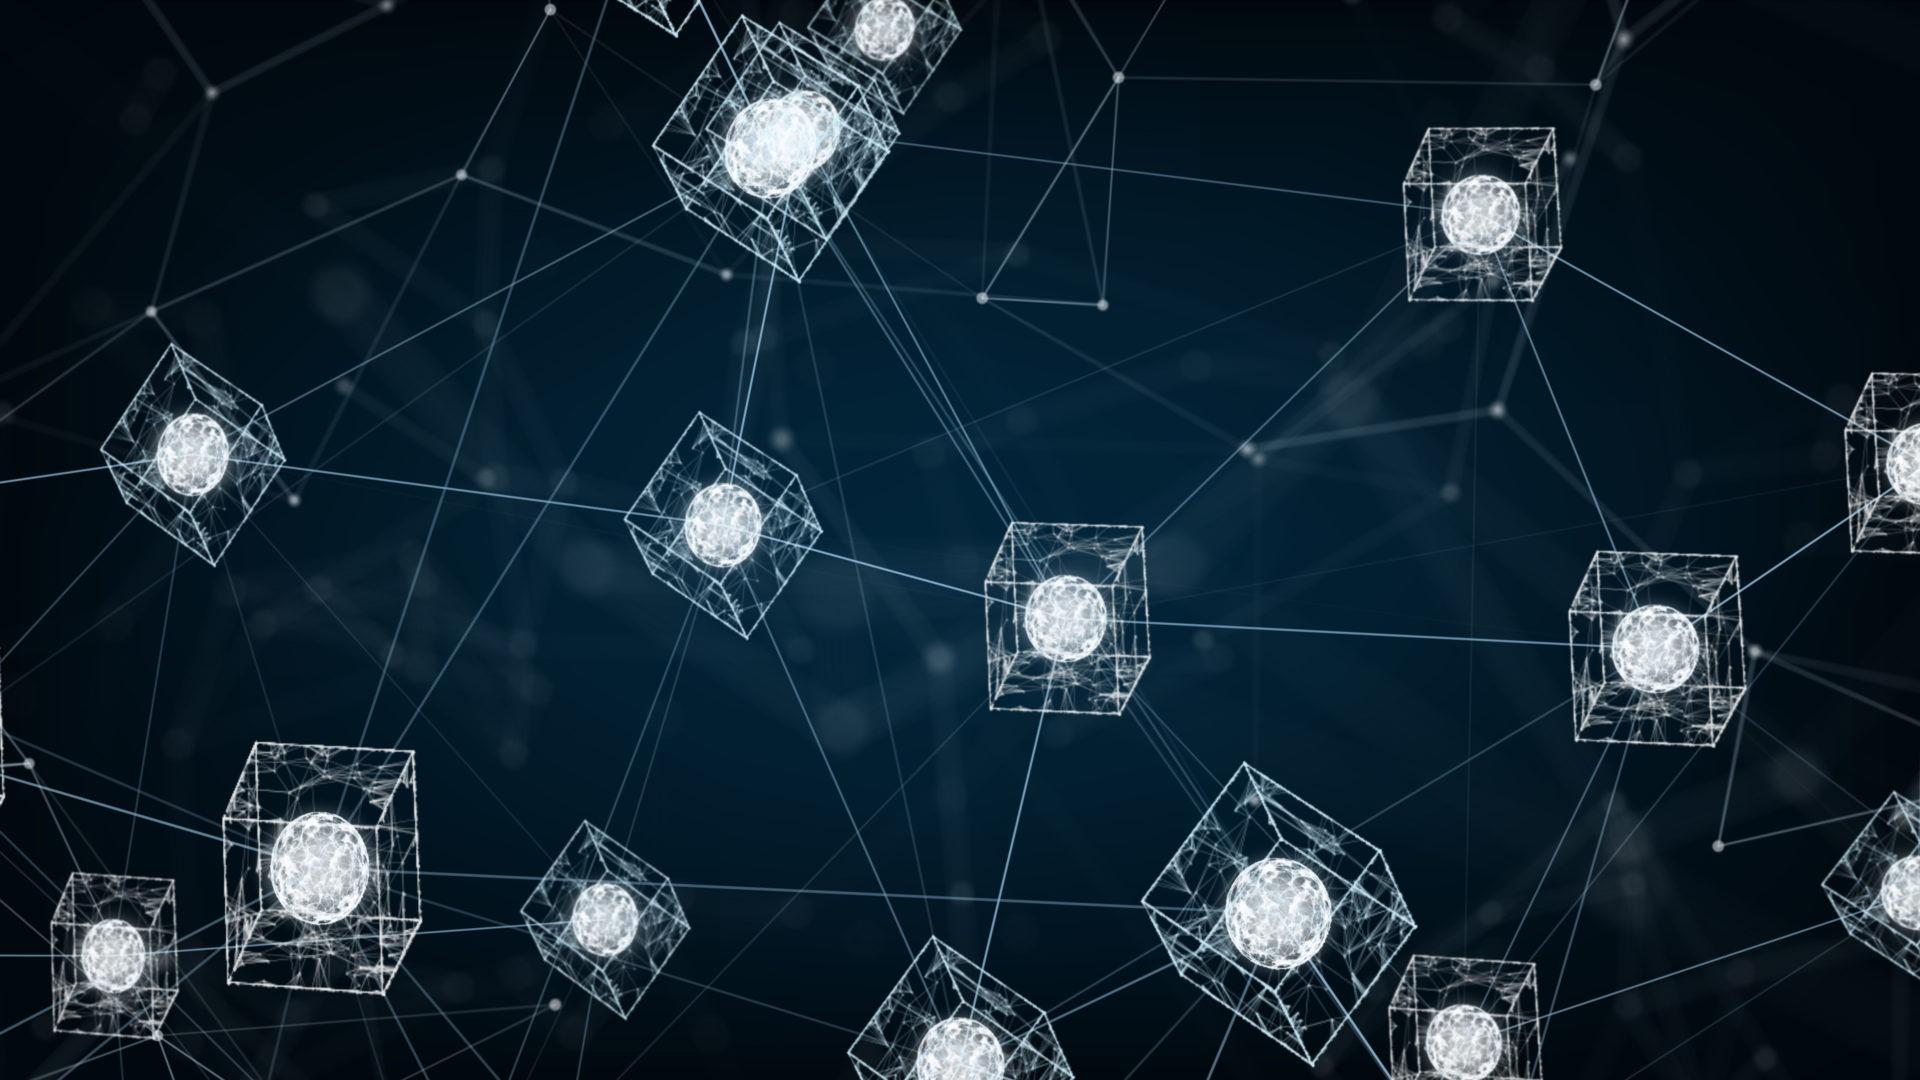 Finextra y Oracle analizan el impacto del blockchain en el desarrollo de la banca corporativa y la tecnología financiera